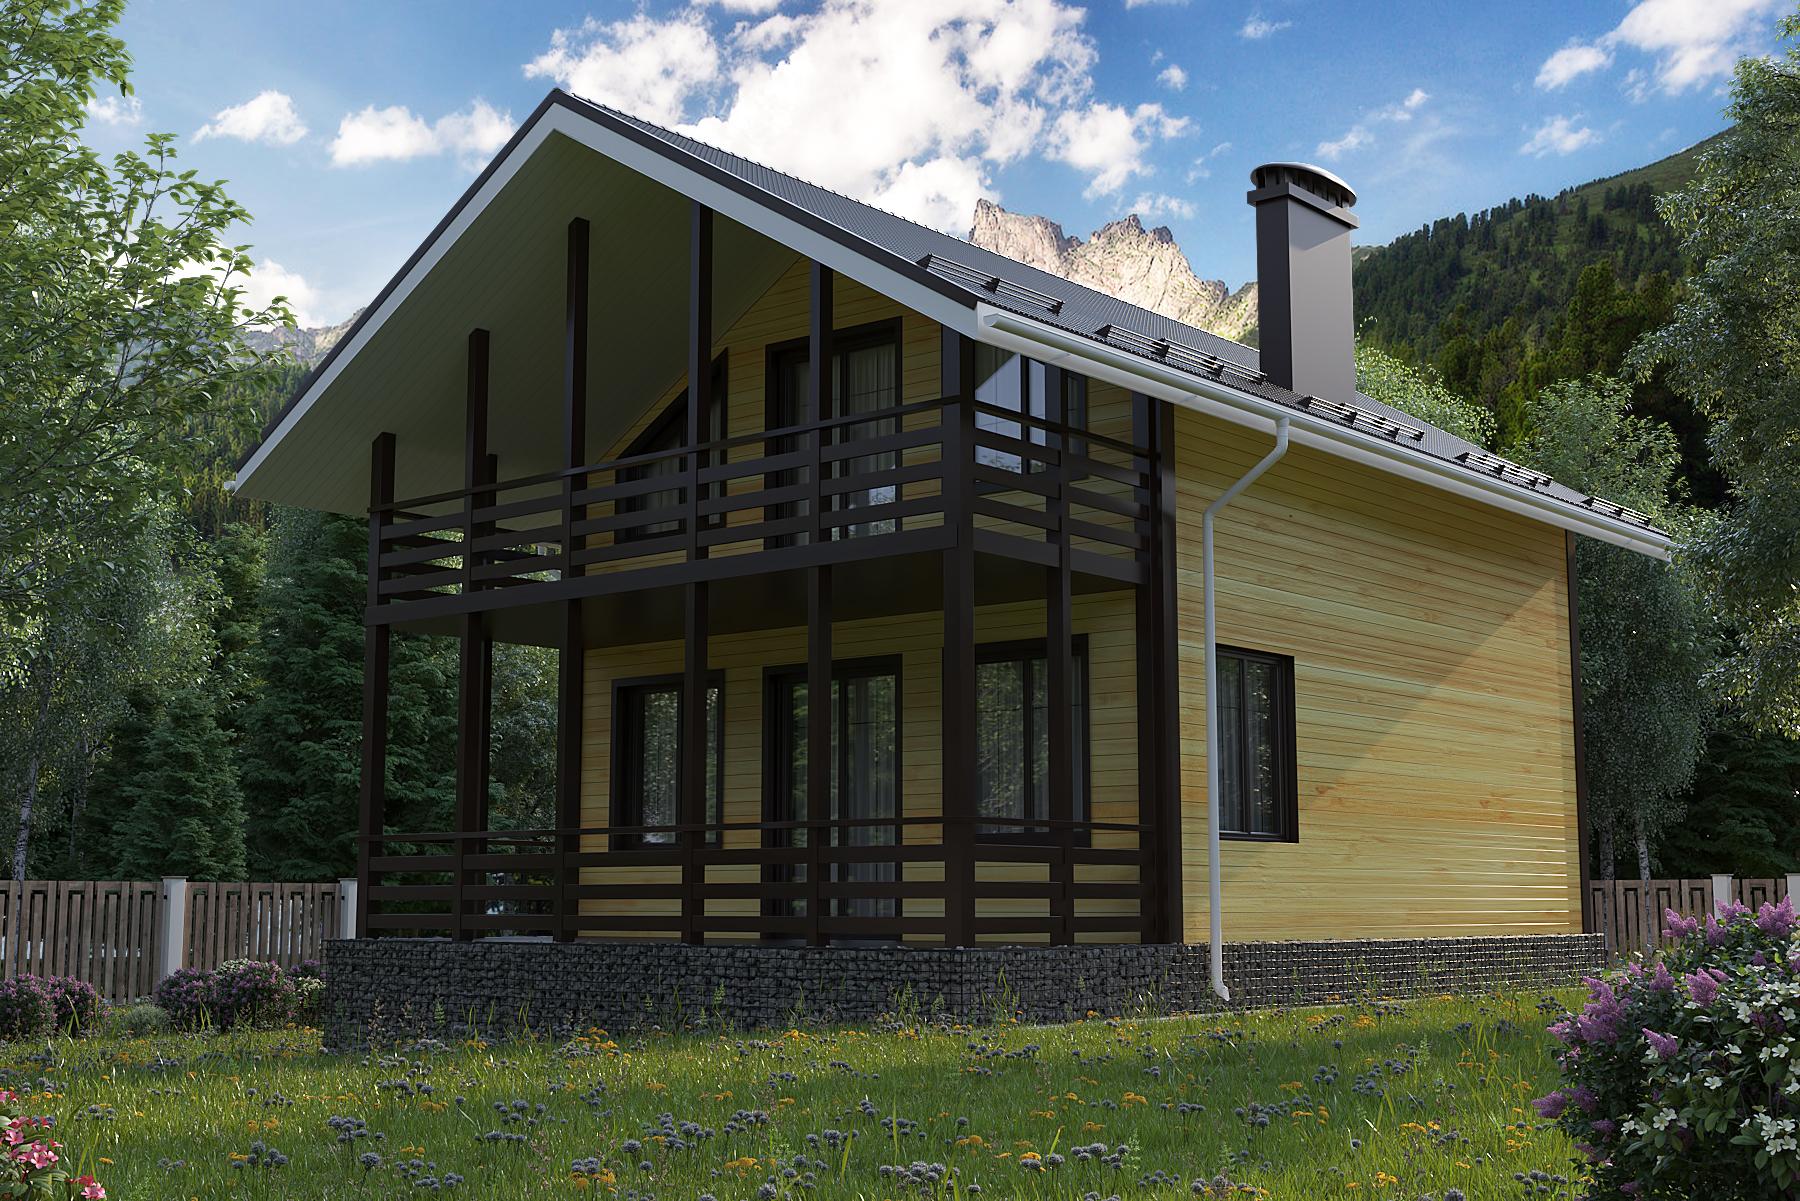 Проект каркасного дома 86 кв.м // Артикул АС-178 фасад